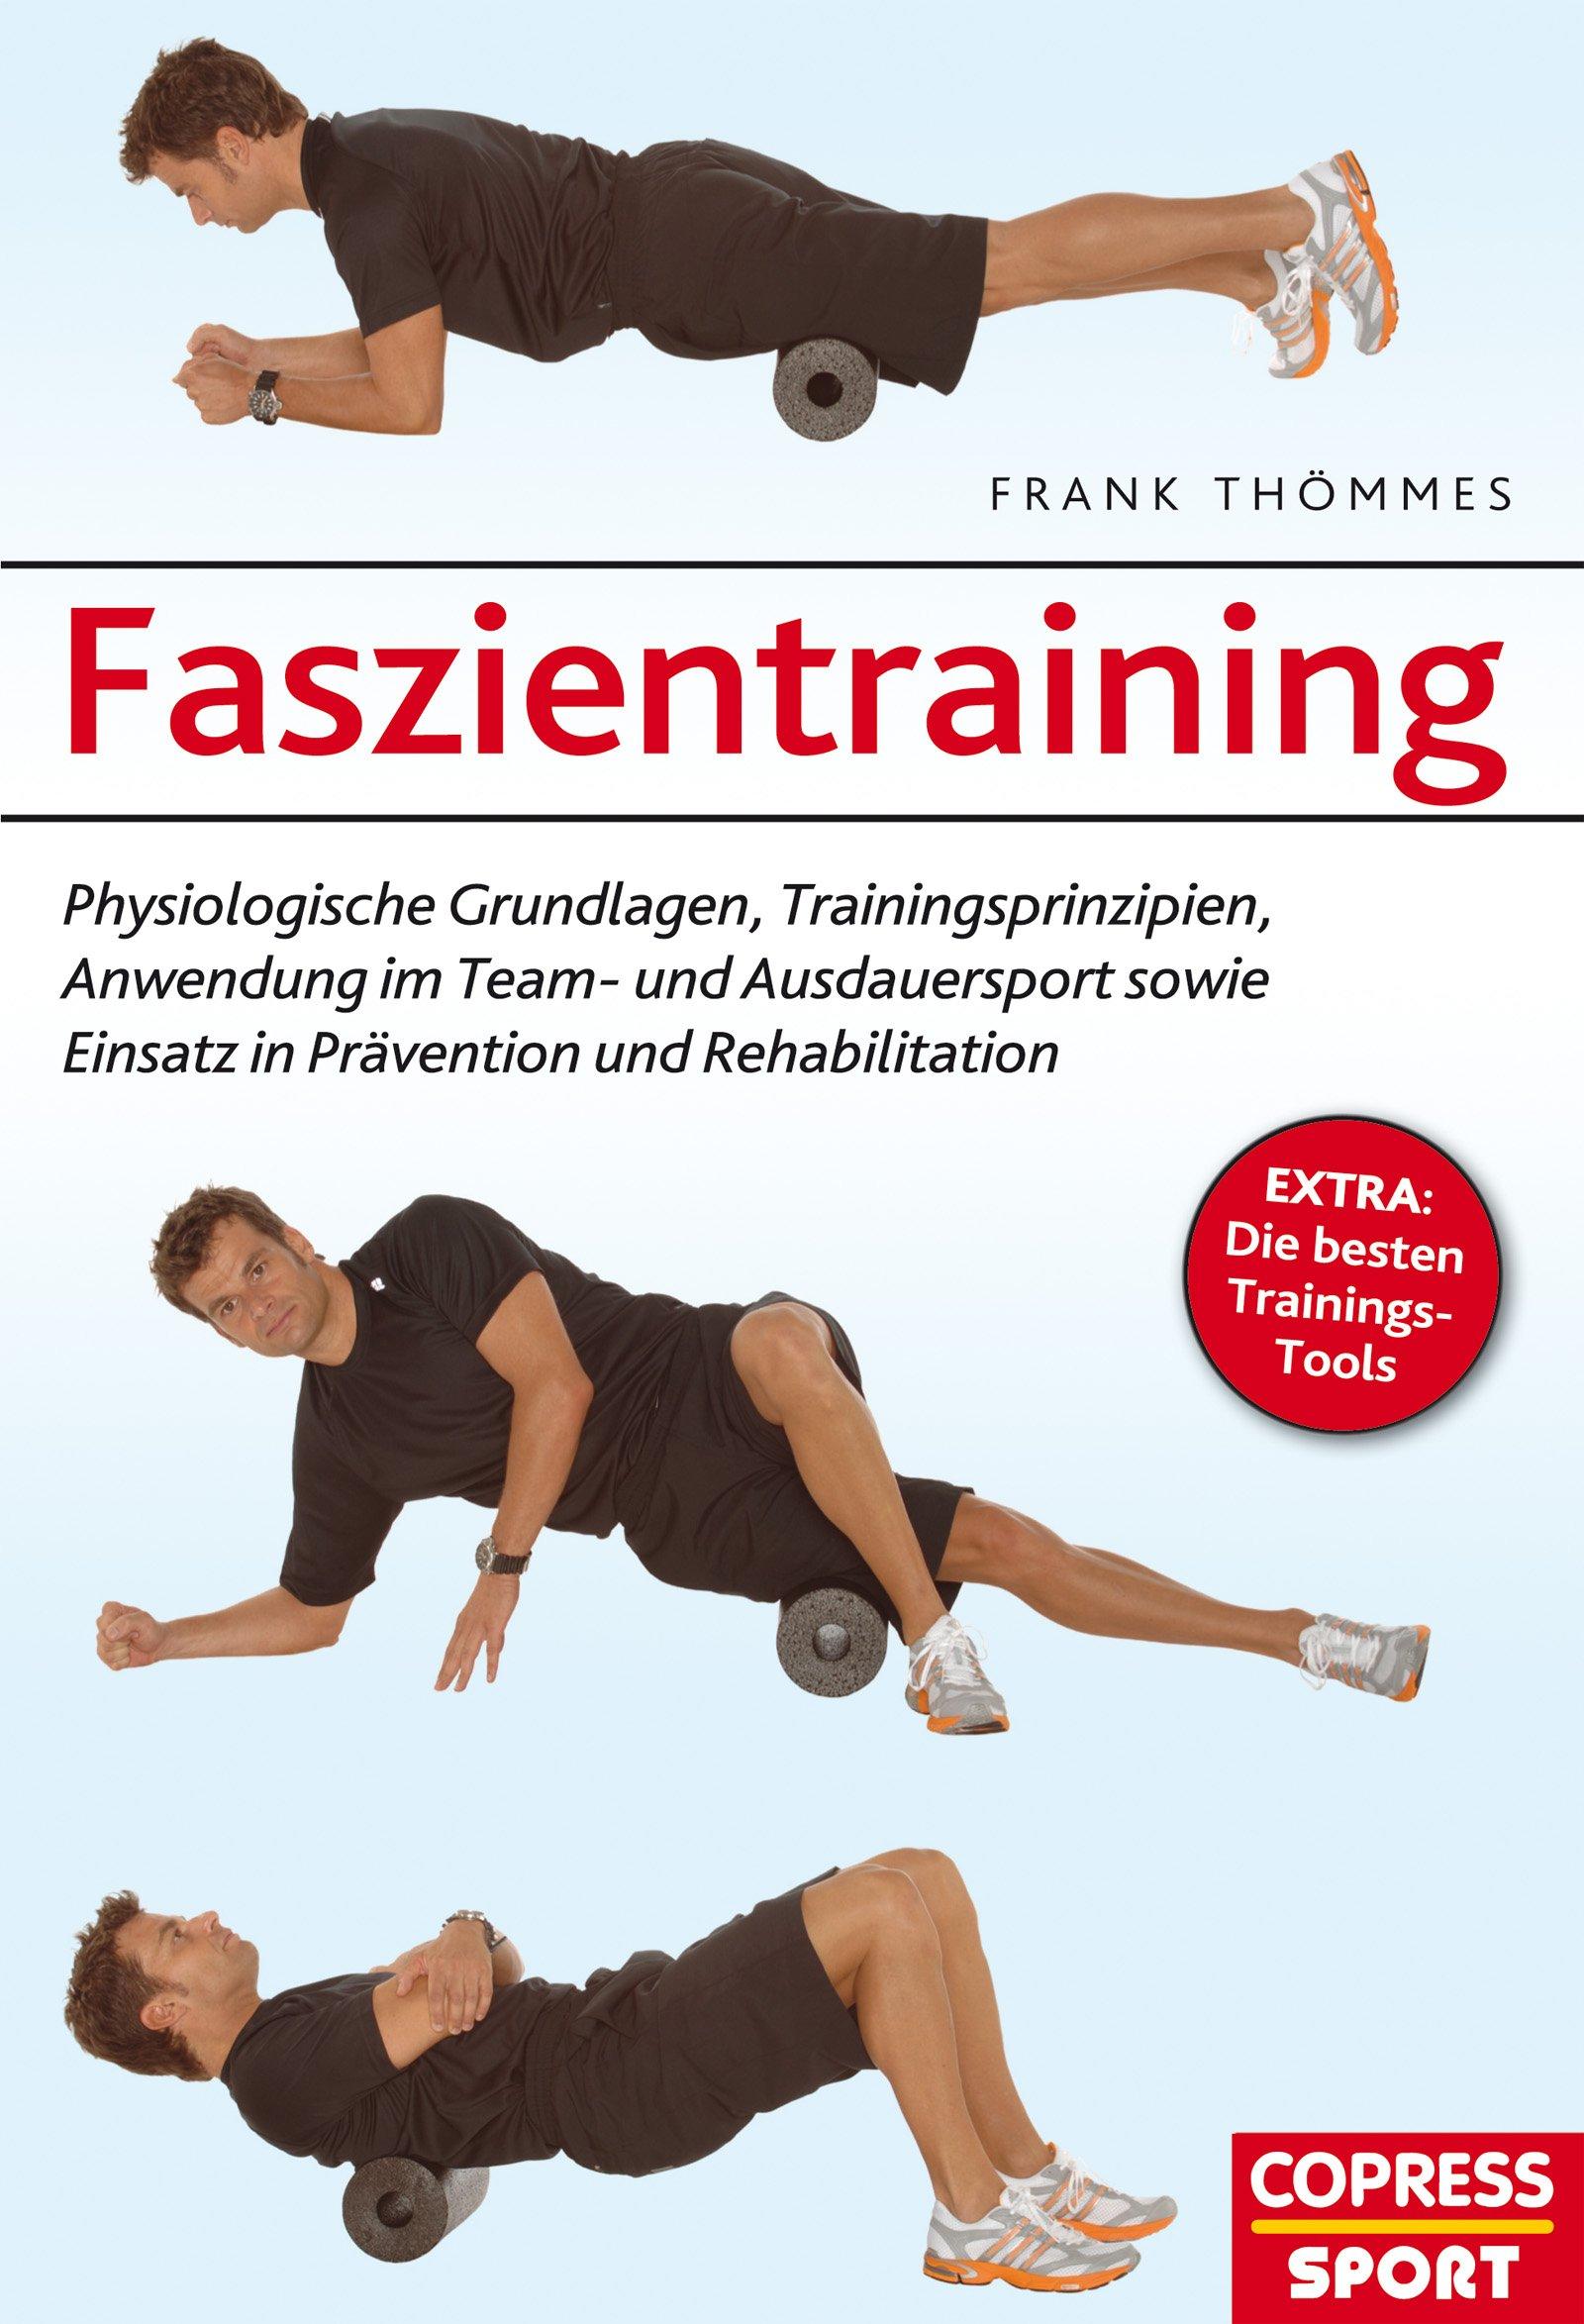 Atemberaubend Faszientraining: Physiologische Grundlagen, Trainingsprinzipien #EY_72